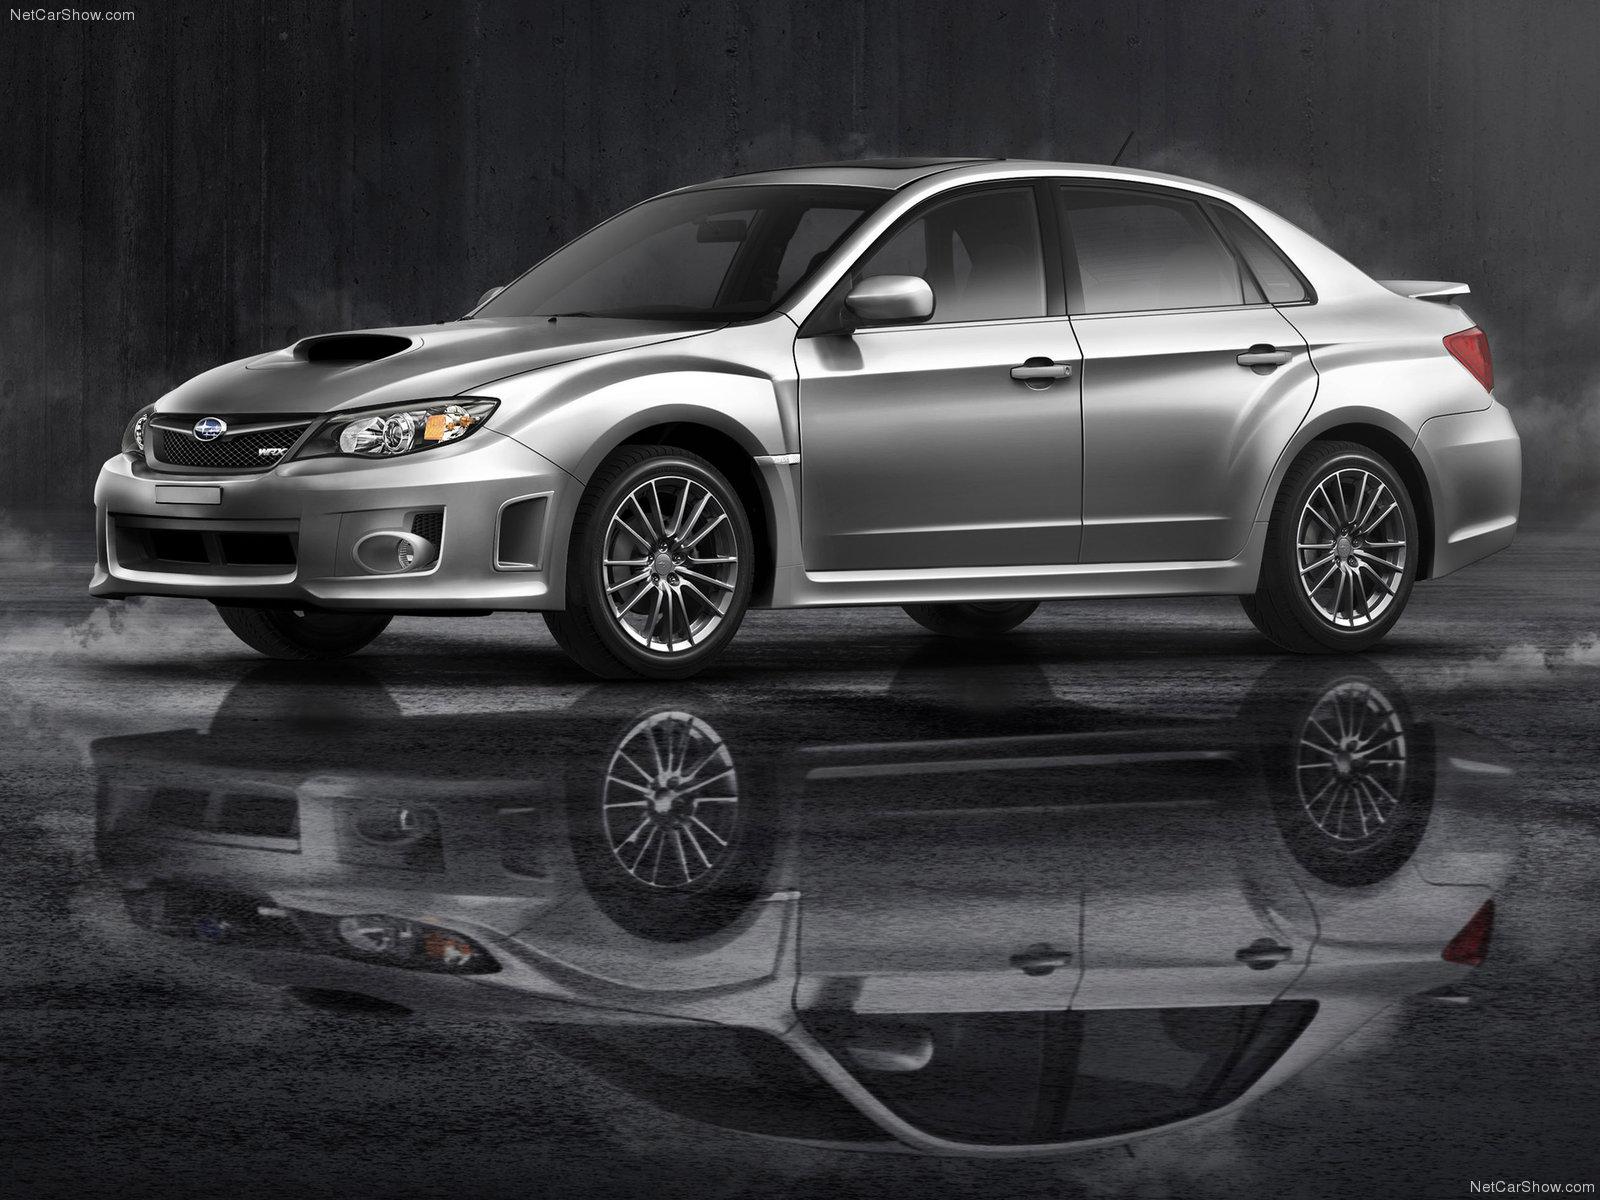 Subaru impreza wrx sti photos photogallery with 56 pics new subaru impreza wrx sti pictures vanachro Choice Image